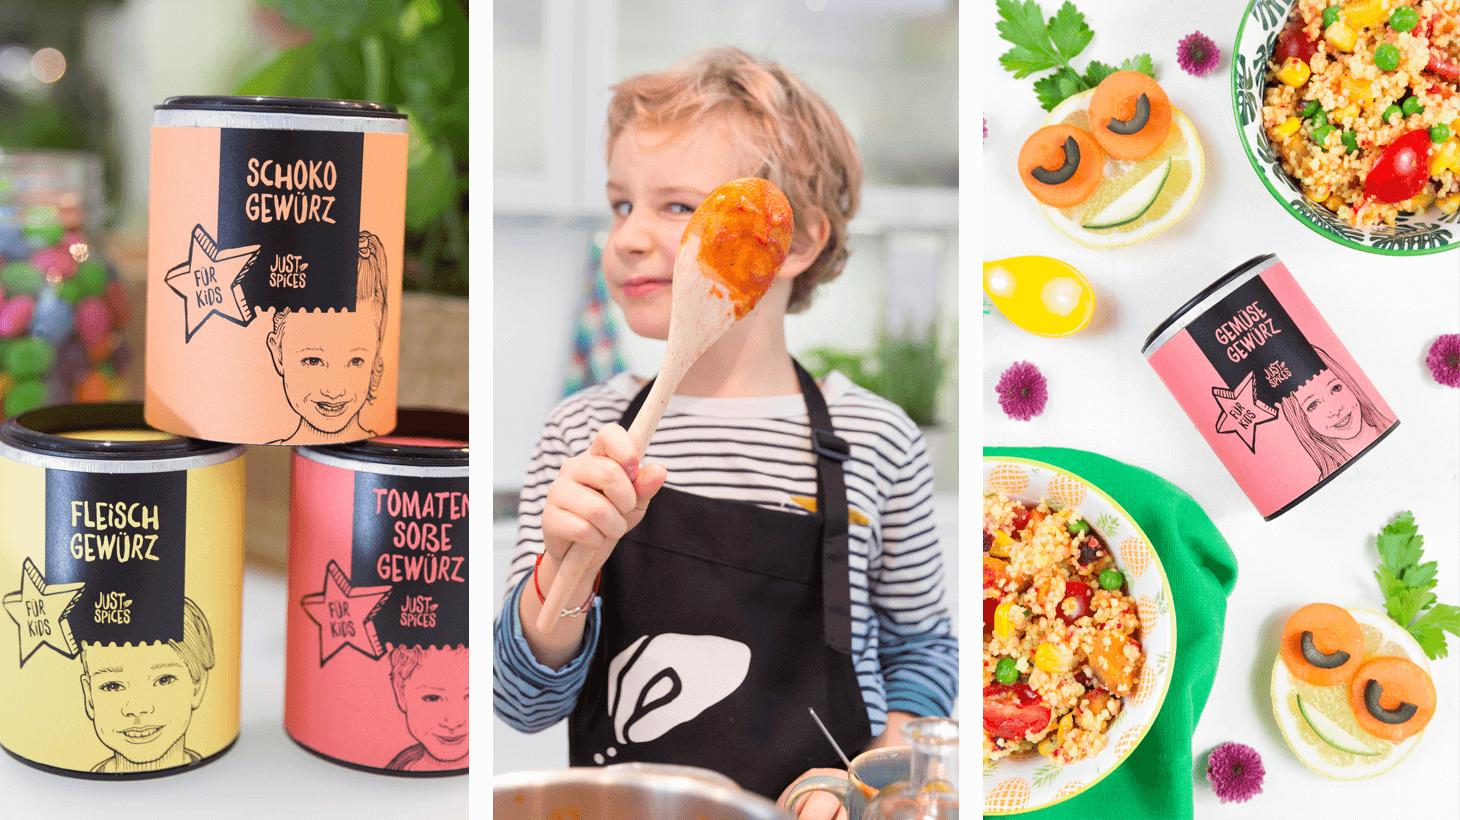 Kochen mit Kindern - Leicht gemacht mit der Kids Gewürzbox